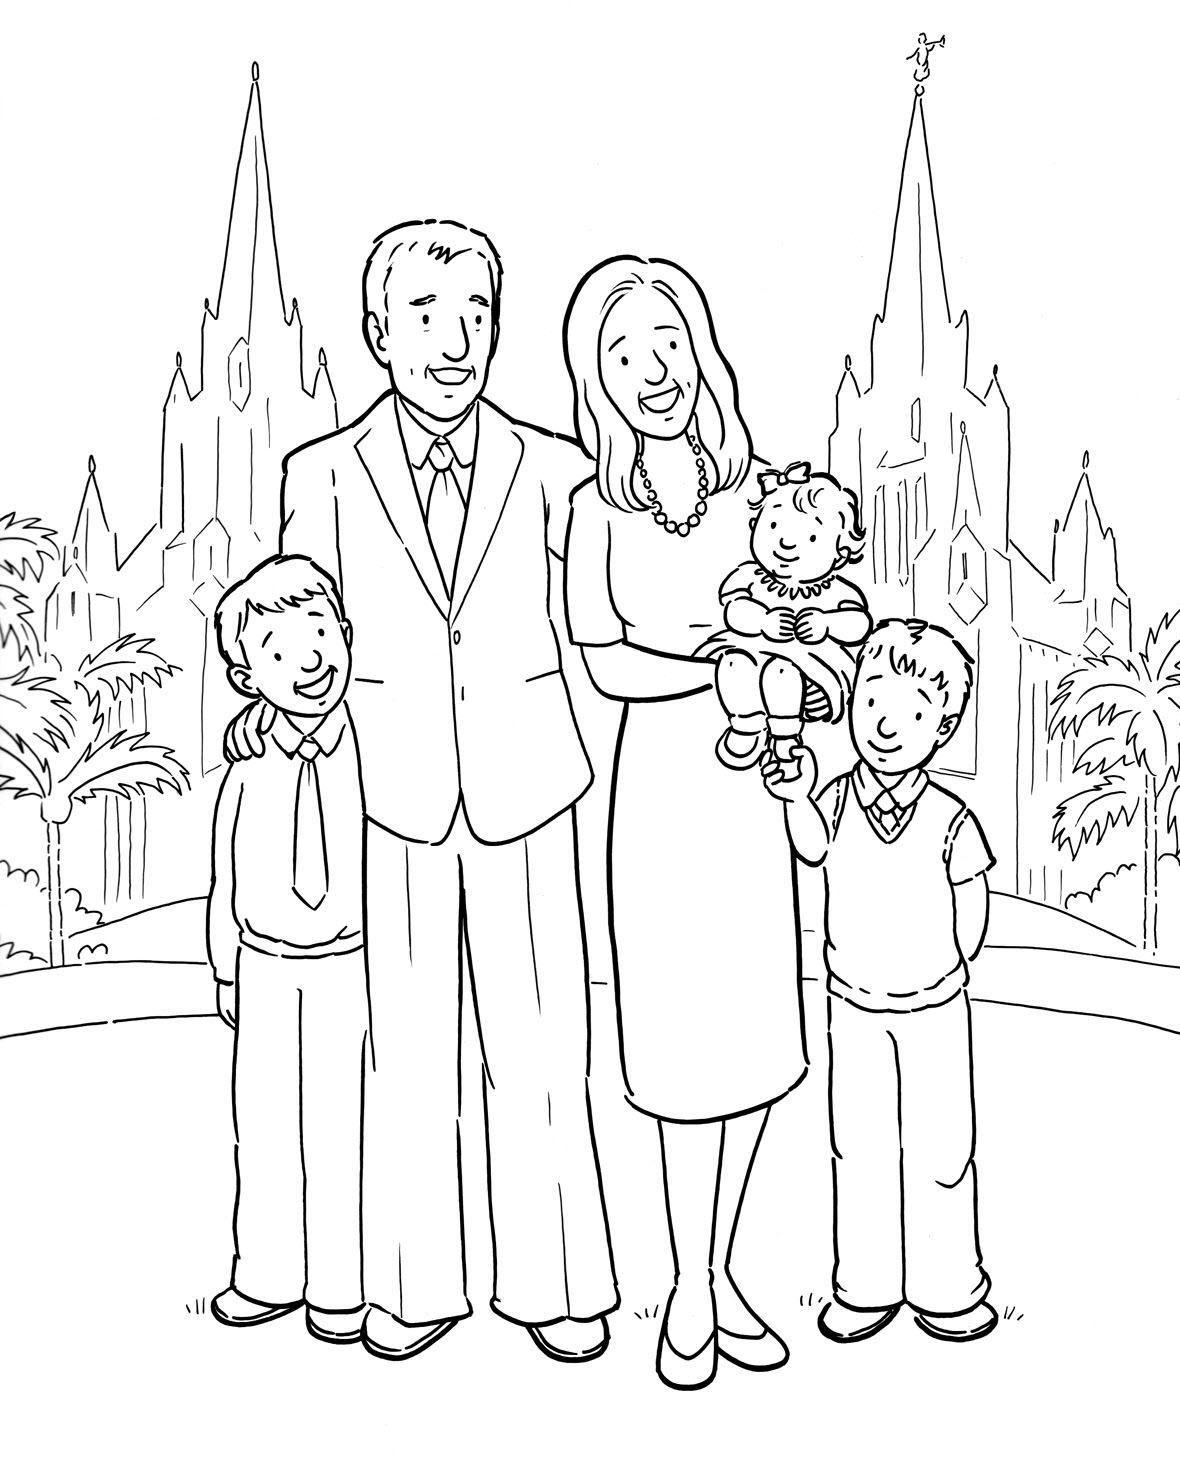 Tranh tập tô gia đình